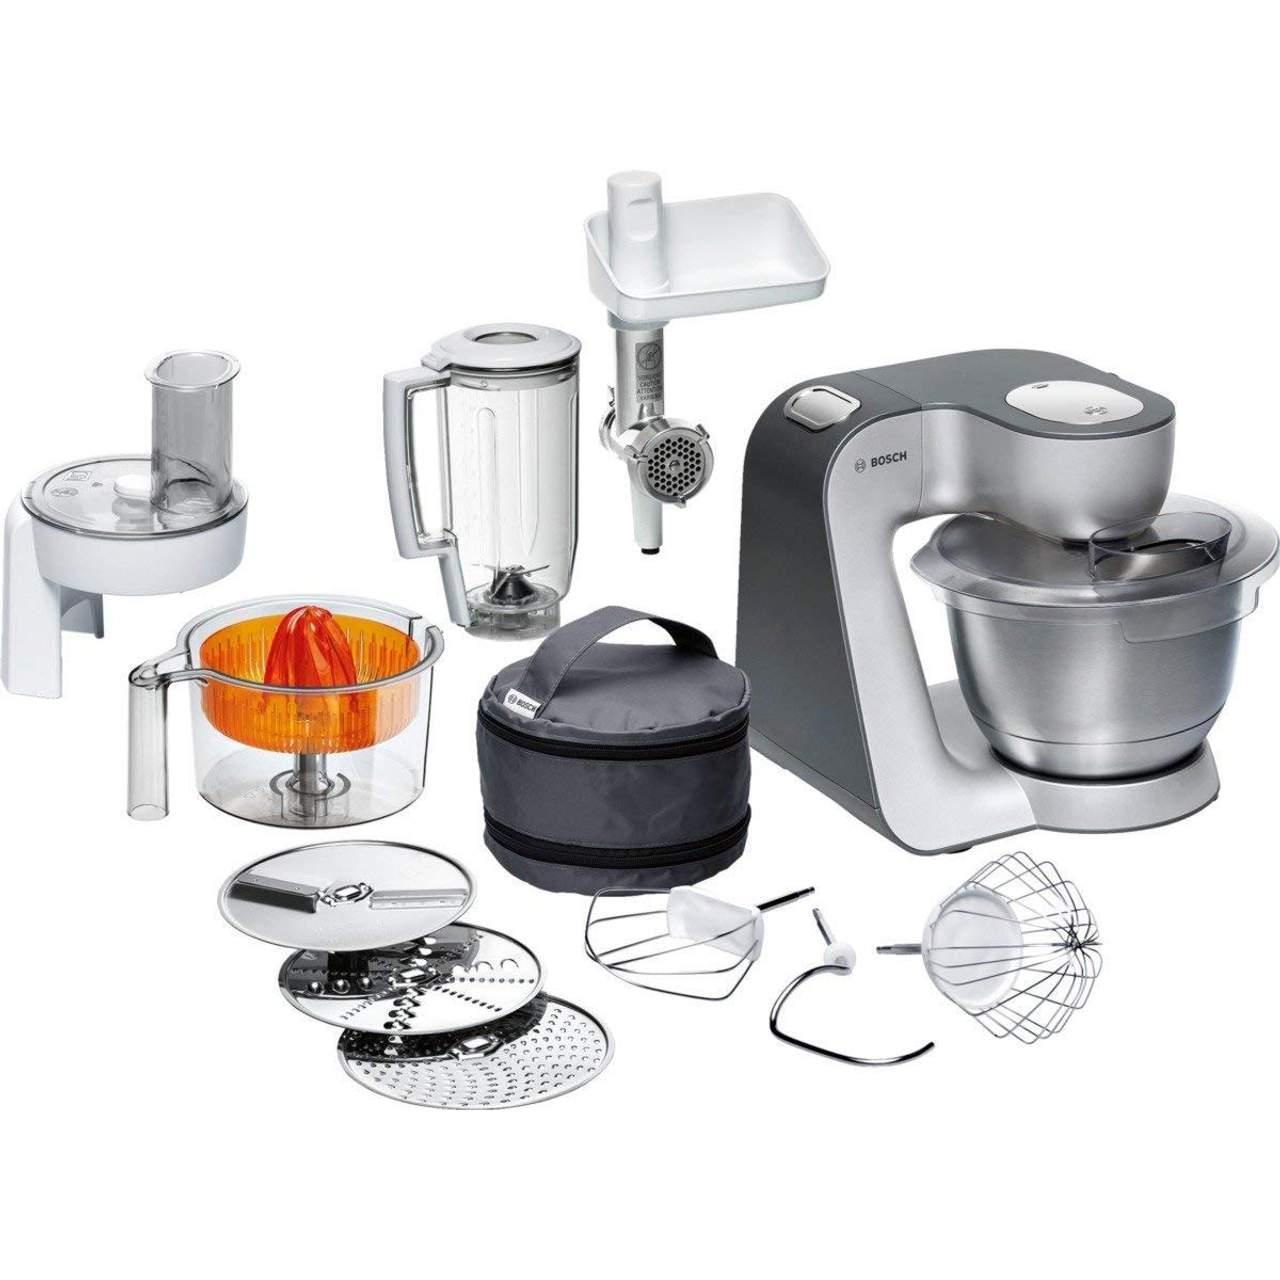 Bosch Mum56340 Küchenmaschine 2021